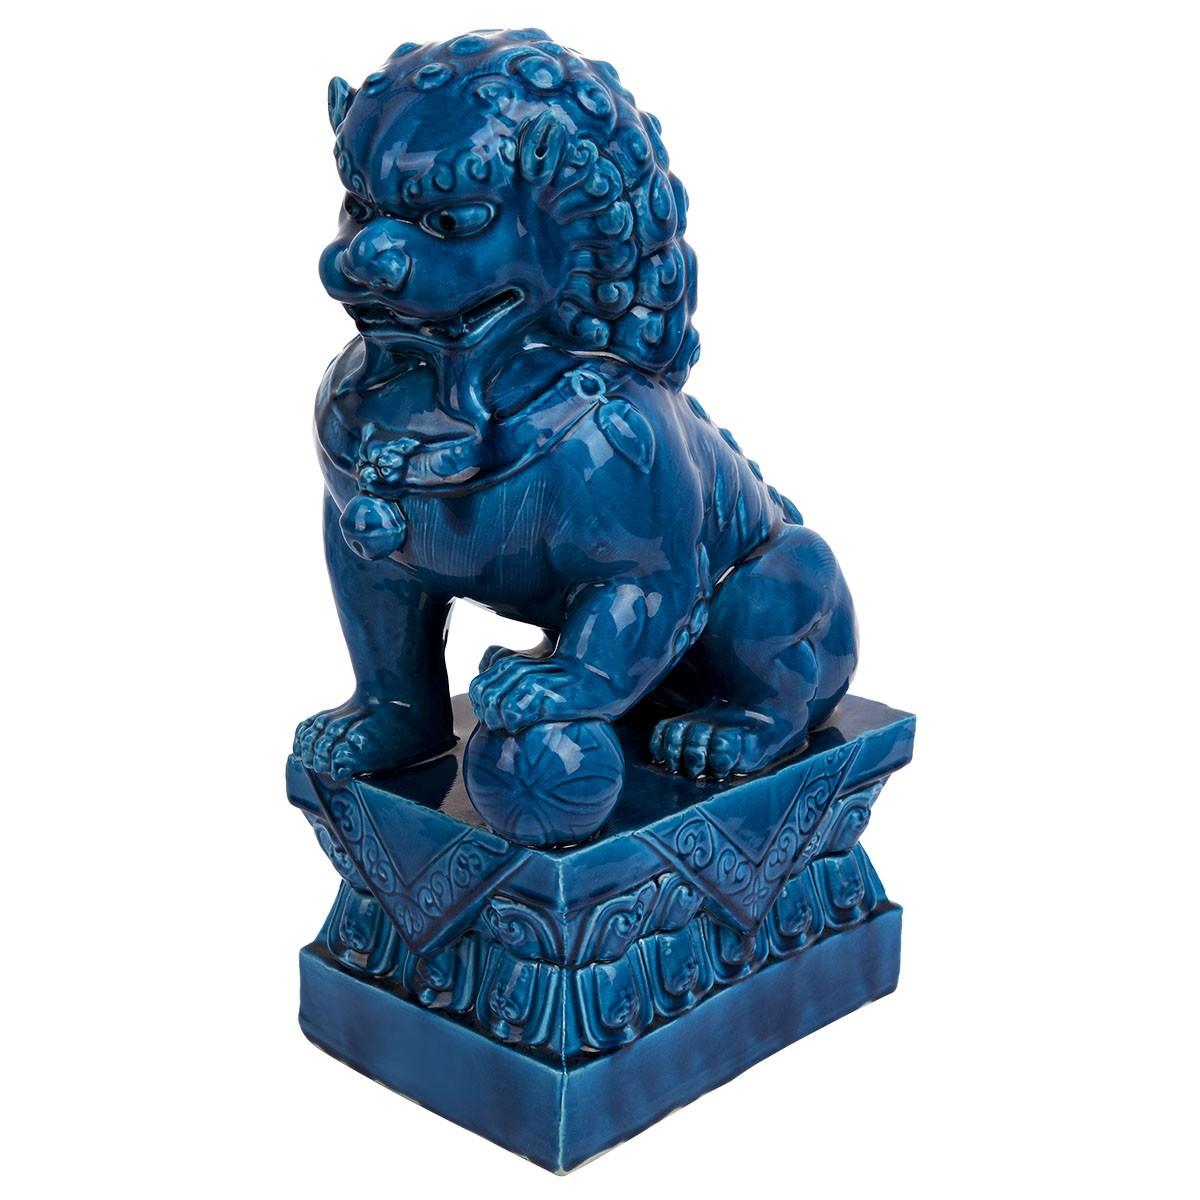 Choo Ceramic Lion Sculpture